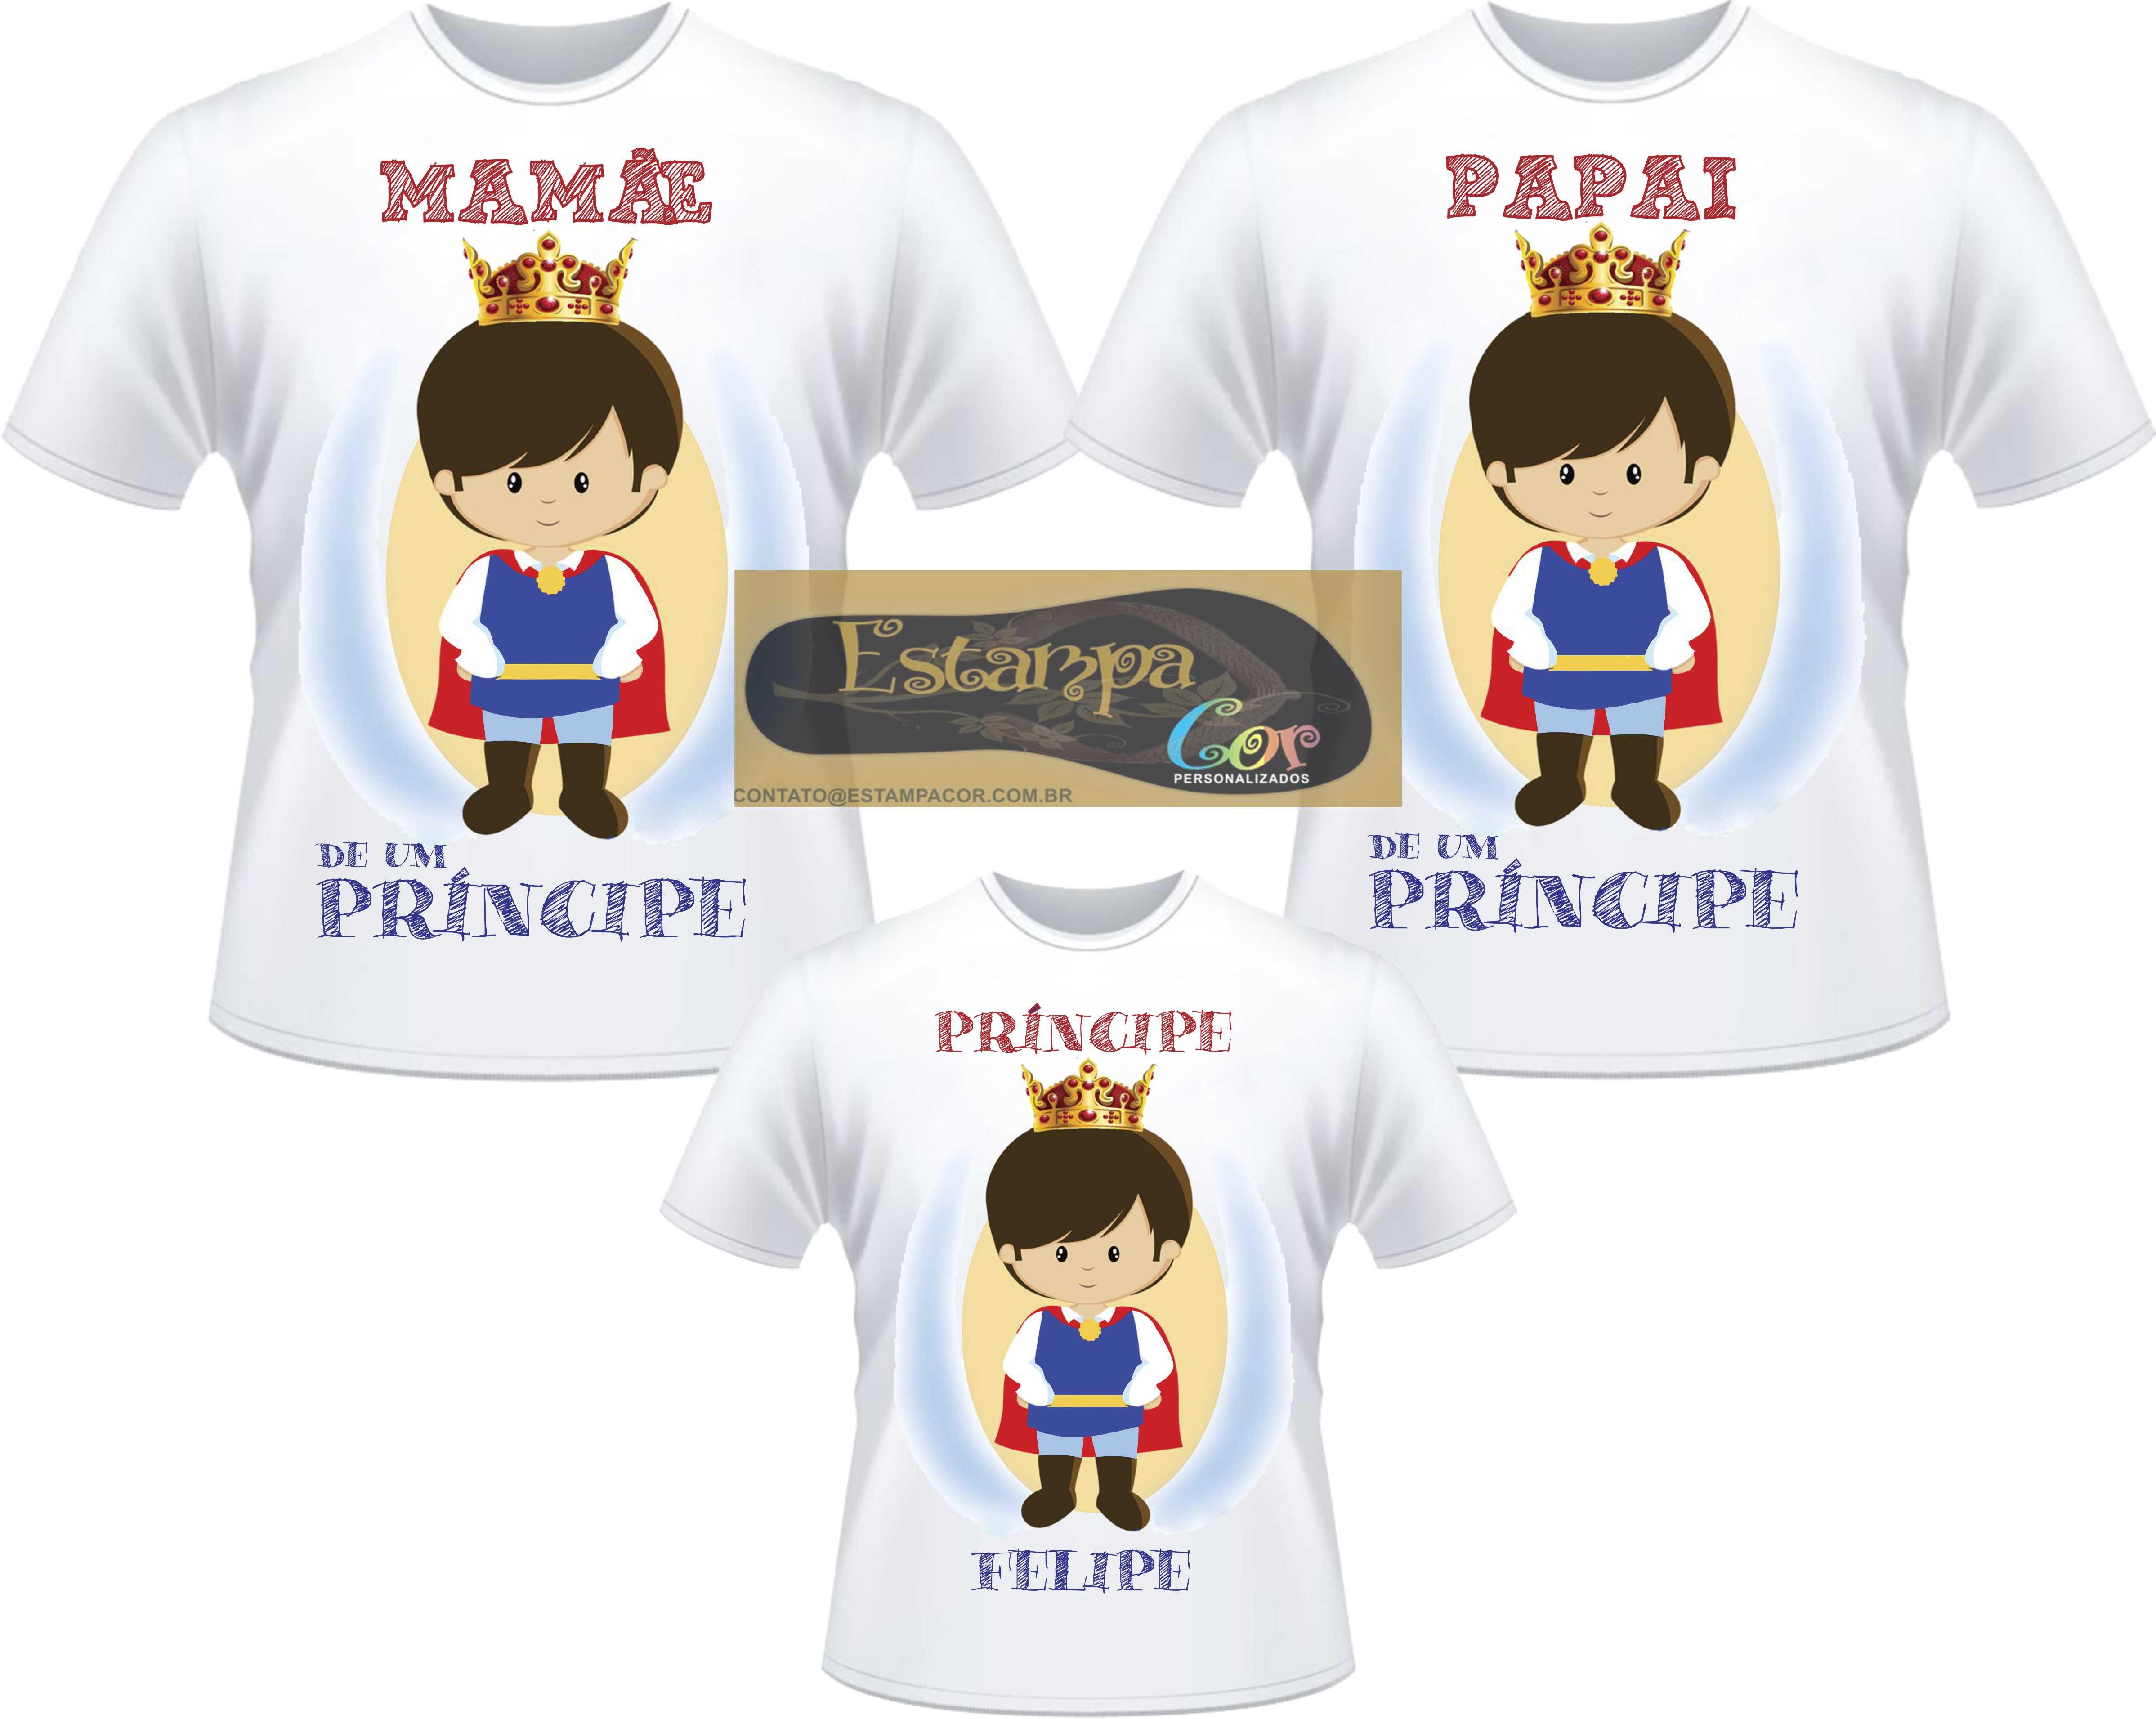 Camiseta Personalizada Família Pequeno Príncipe (monte o seu Kit)